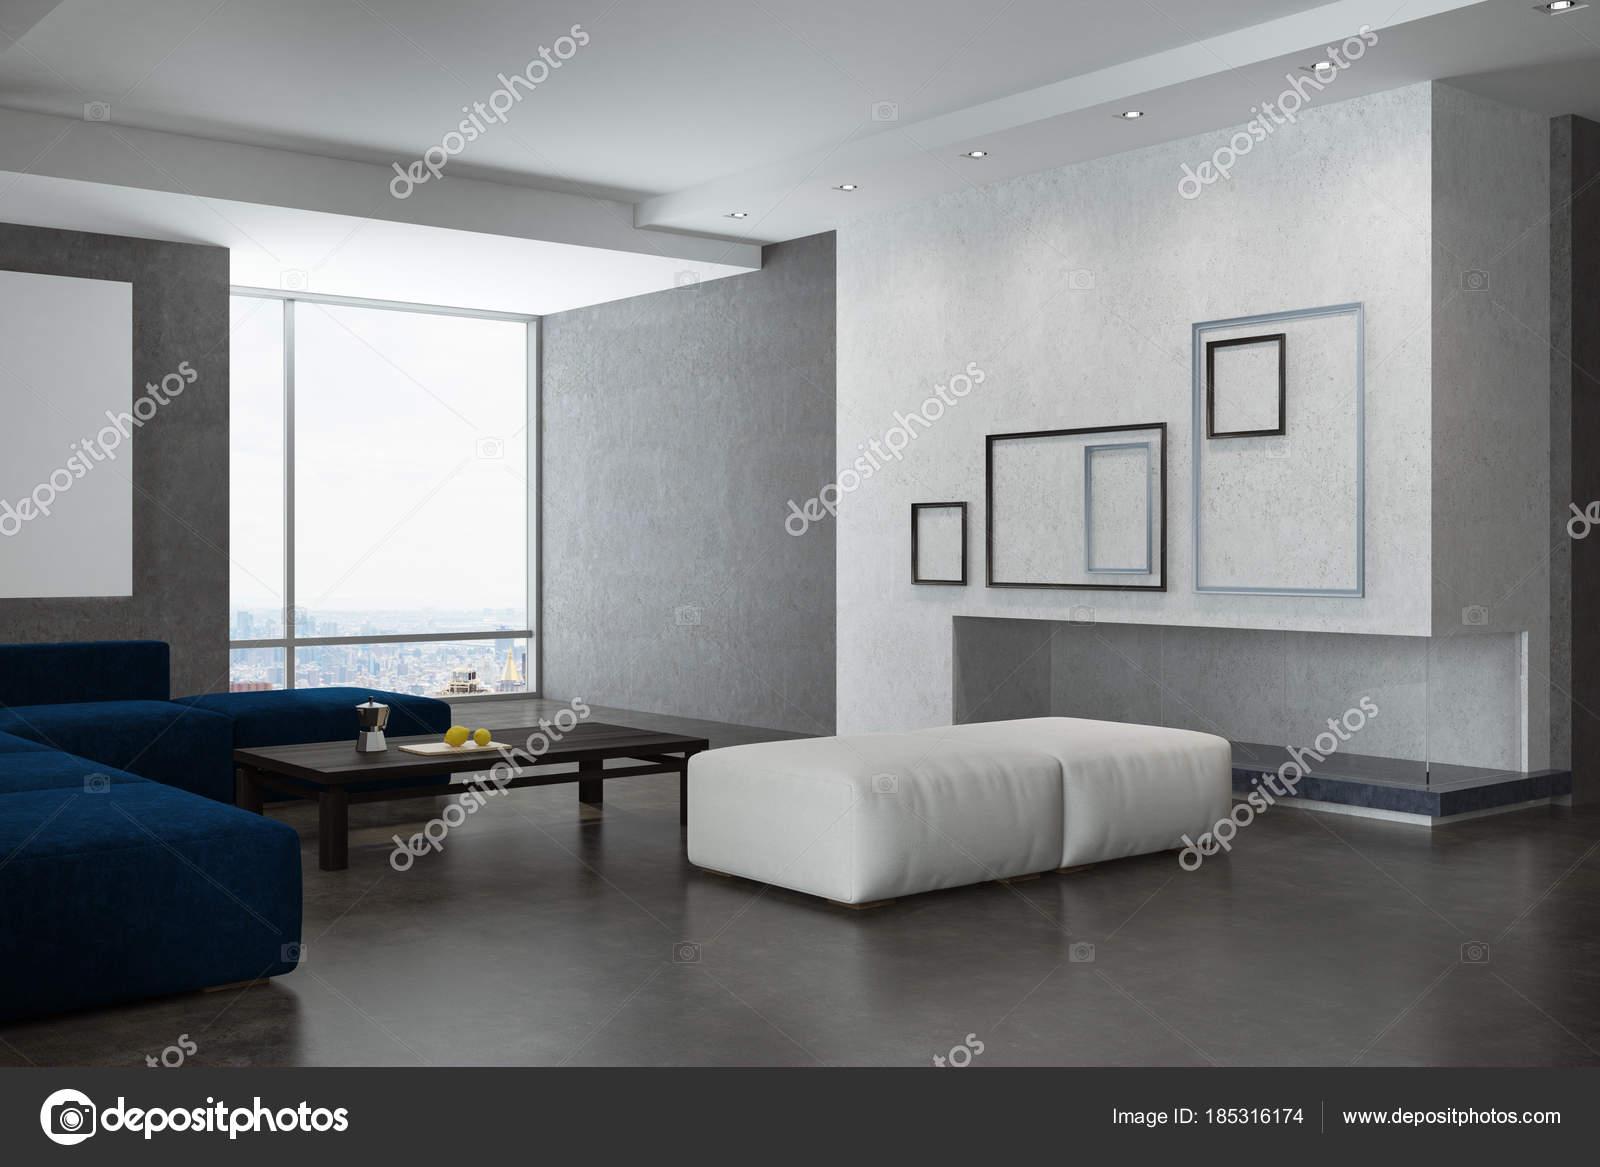 Leuke Posters Woonkamer : Witte en grijze woonkamer hoek posters u stockfoto